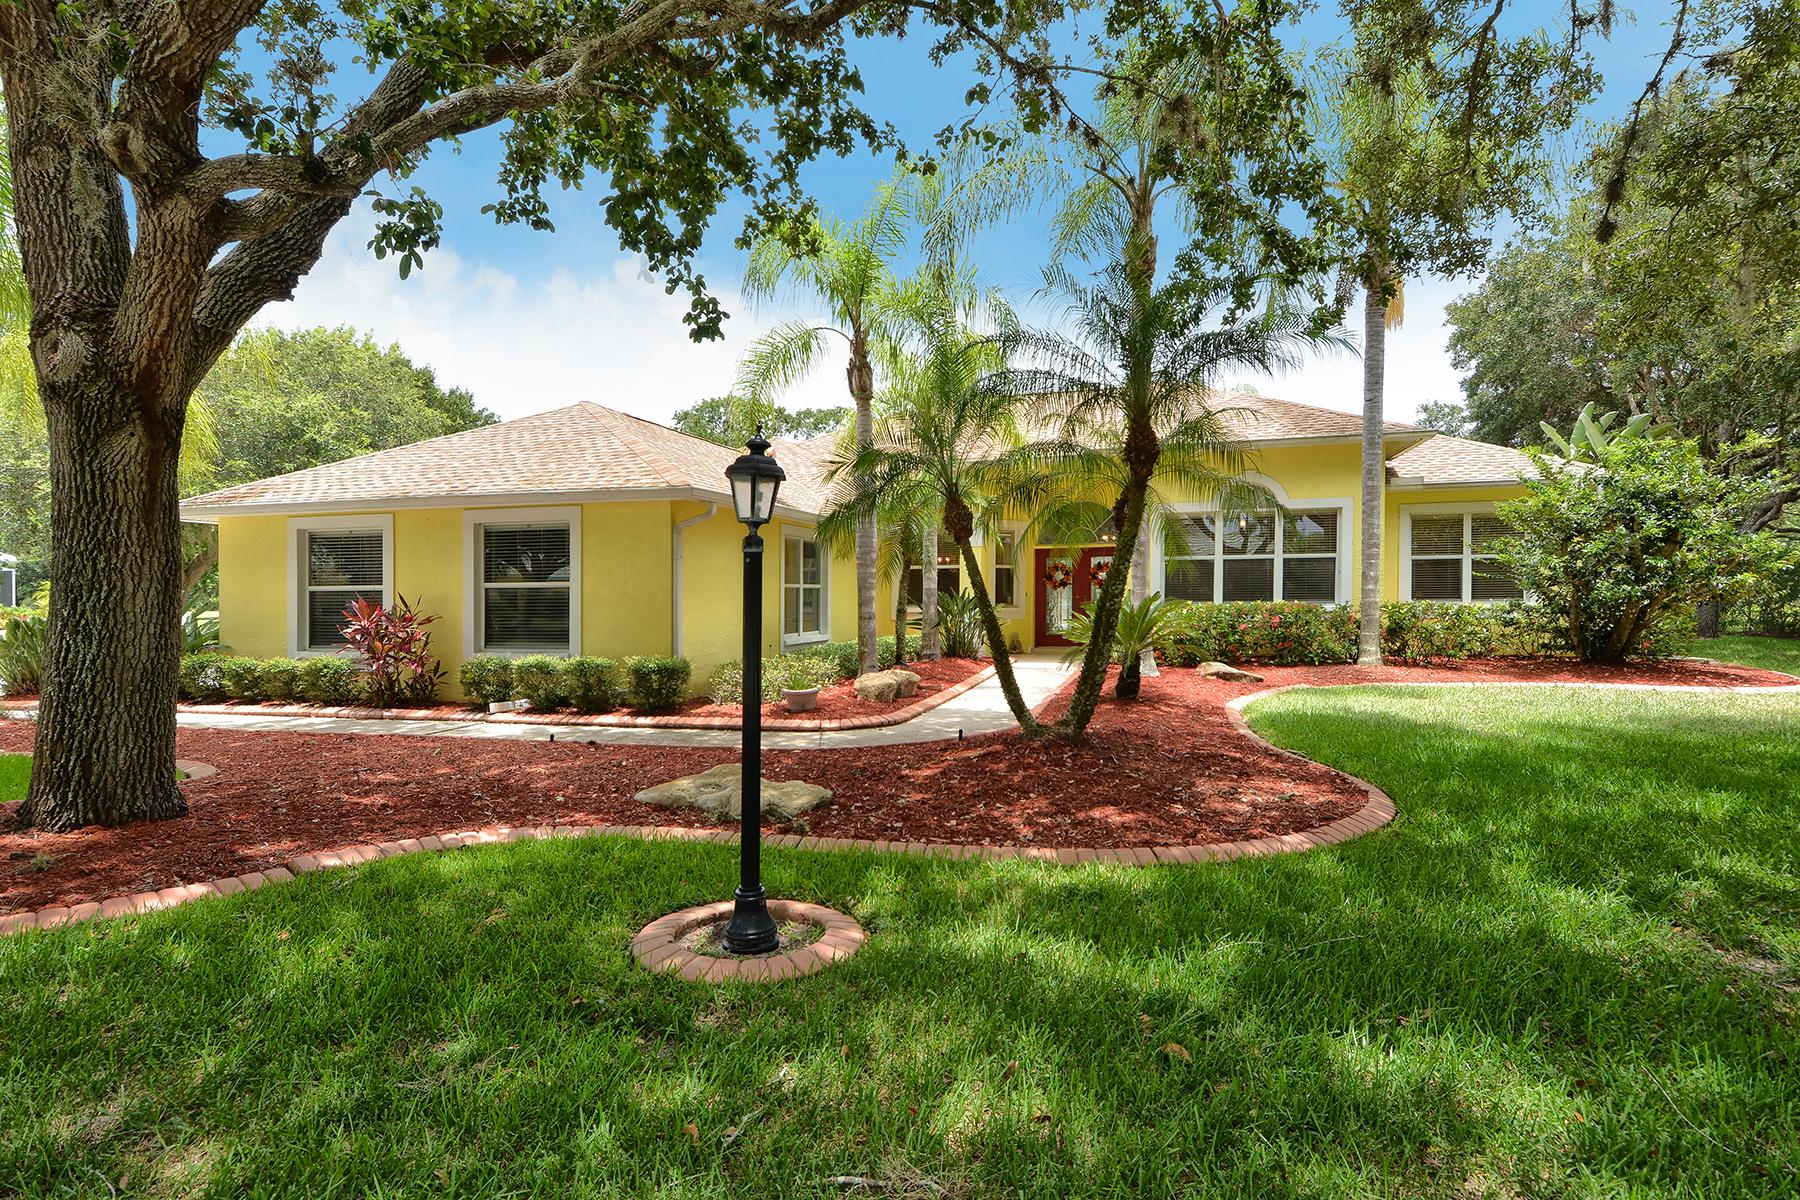 Частный односемейный дом для того Продажа на SARASOTA 7161 N Serenoa Dr Sarasota, Флорида 34241 Соединенные Штаты